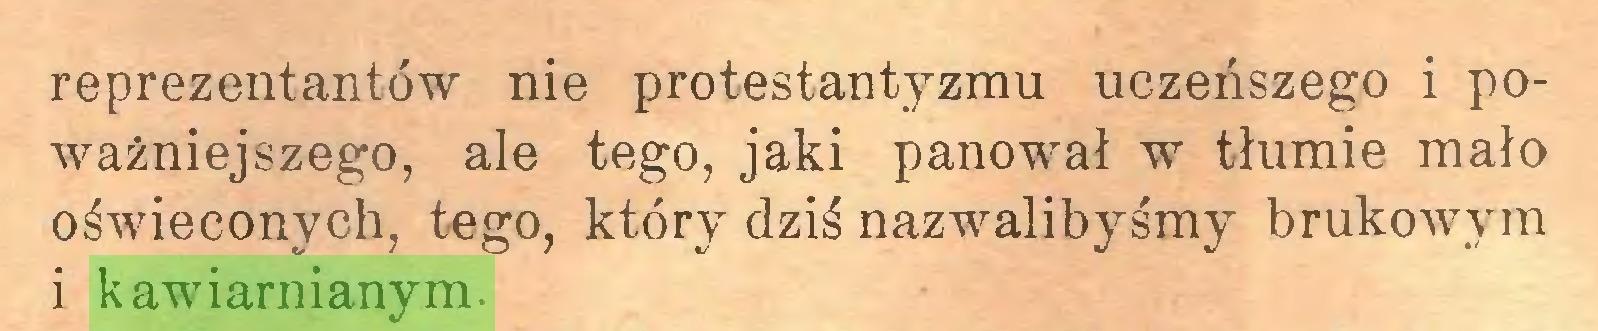 (...) reprezentantów nie protestantyzmu uczeńszego i poważniejszego, ale tego, jaki panował w tłumie mało oświeconych, tego, który dziś nazwalibyśmy brukowym i kawiarnianym...